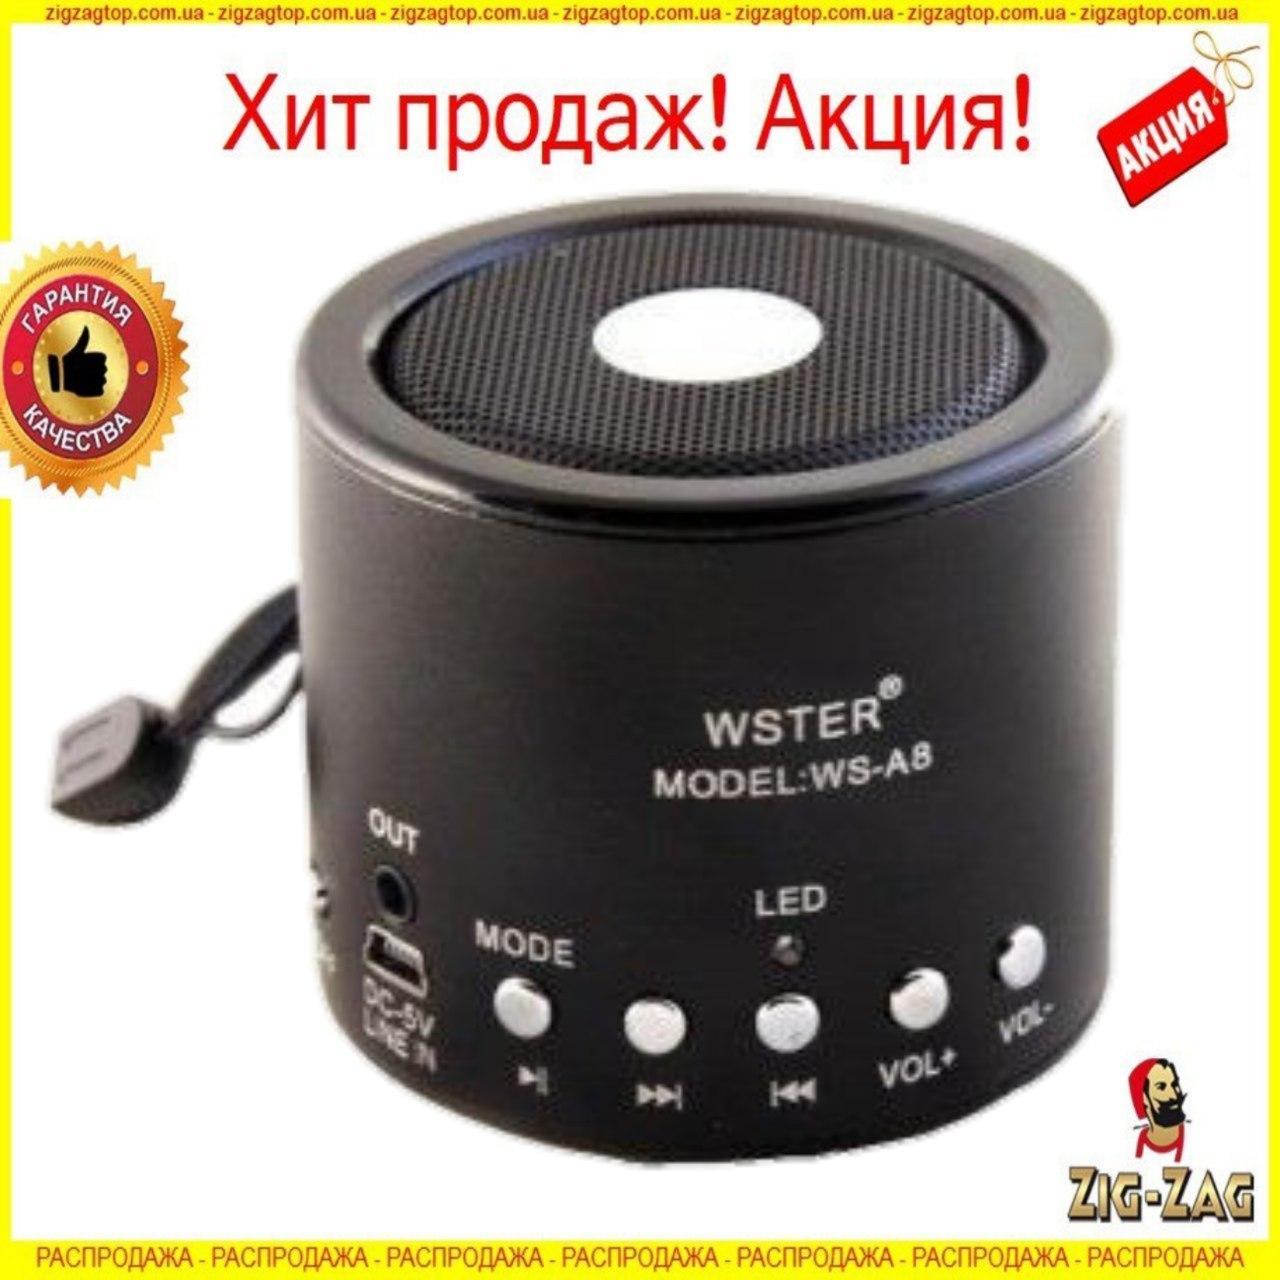 Бездротова Портативна Колонка Міні WSTER WS-A8 з MP3, AUX USB, FM-радіо, блютуз 100% ЯКІСТЬ